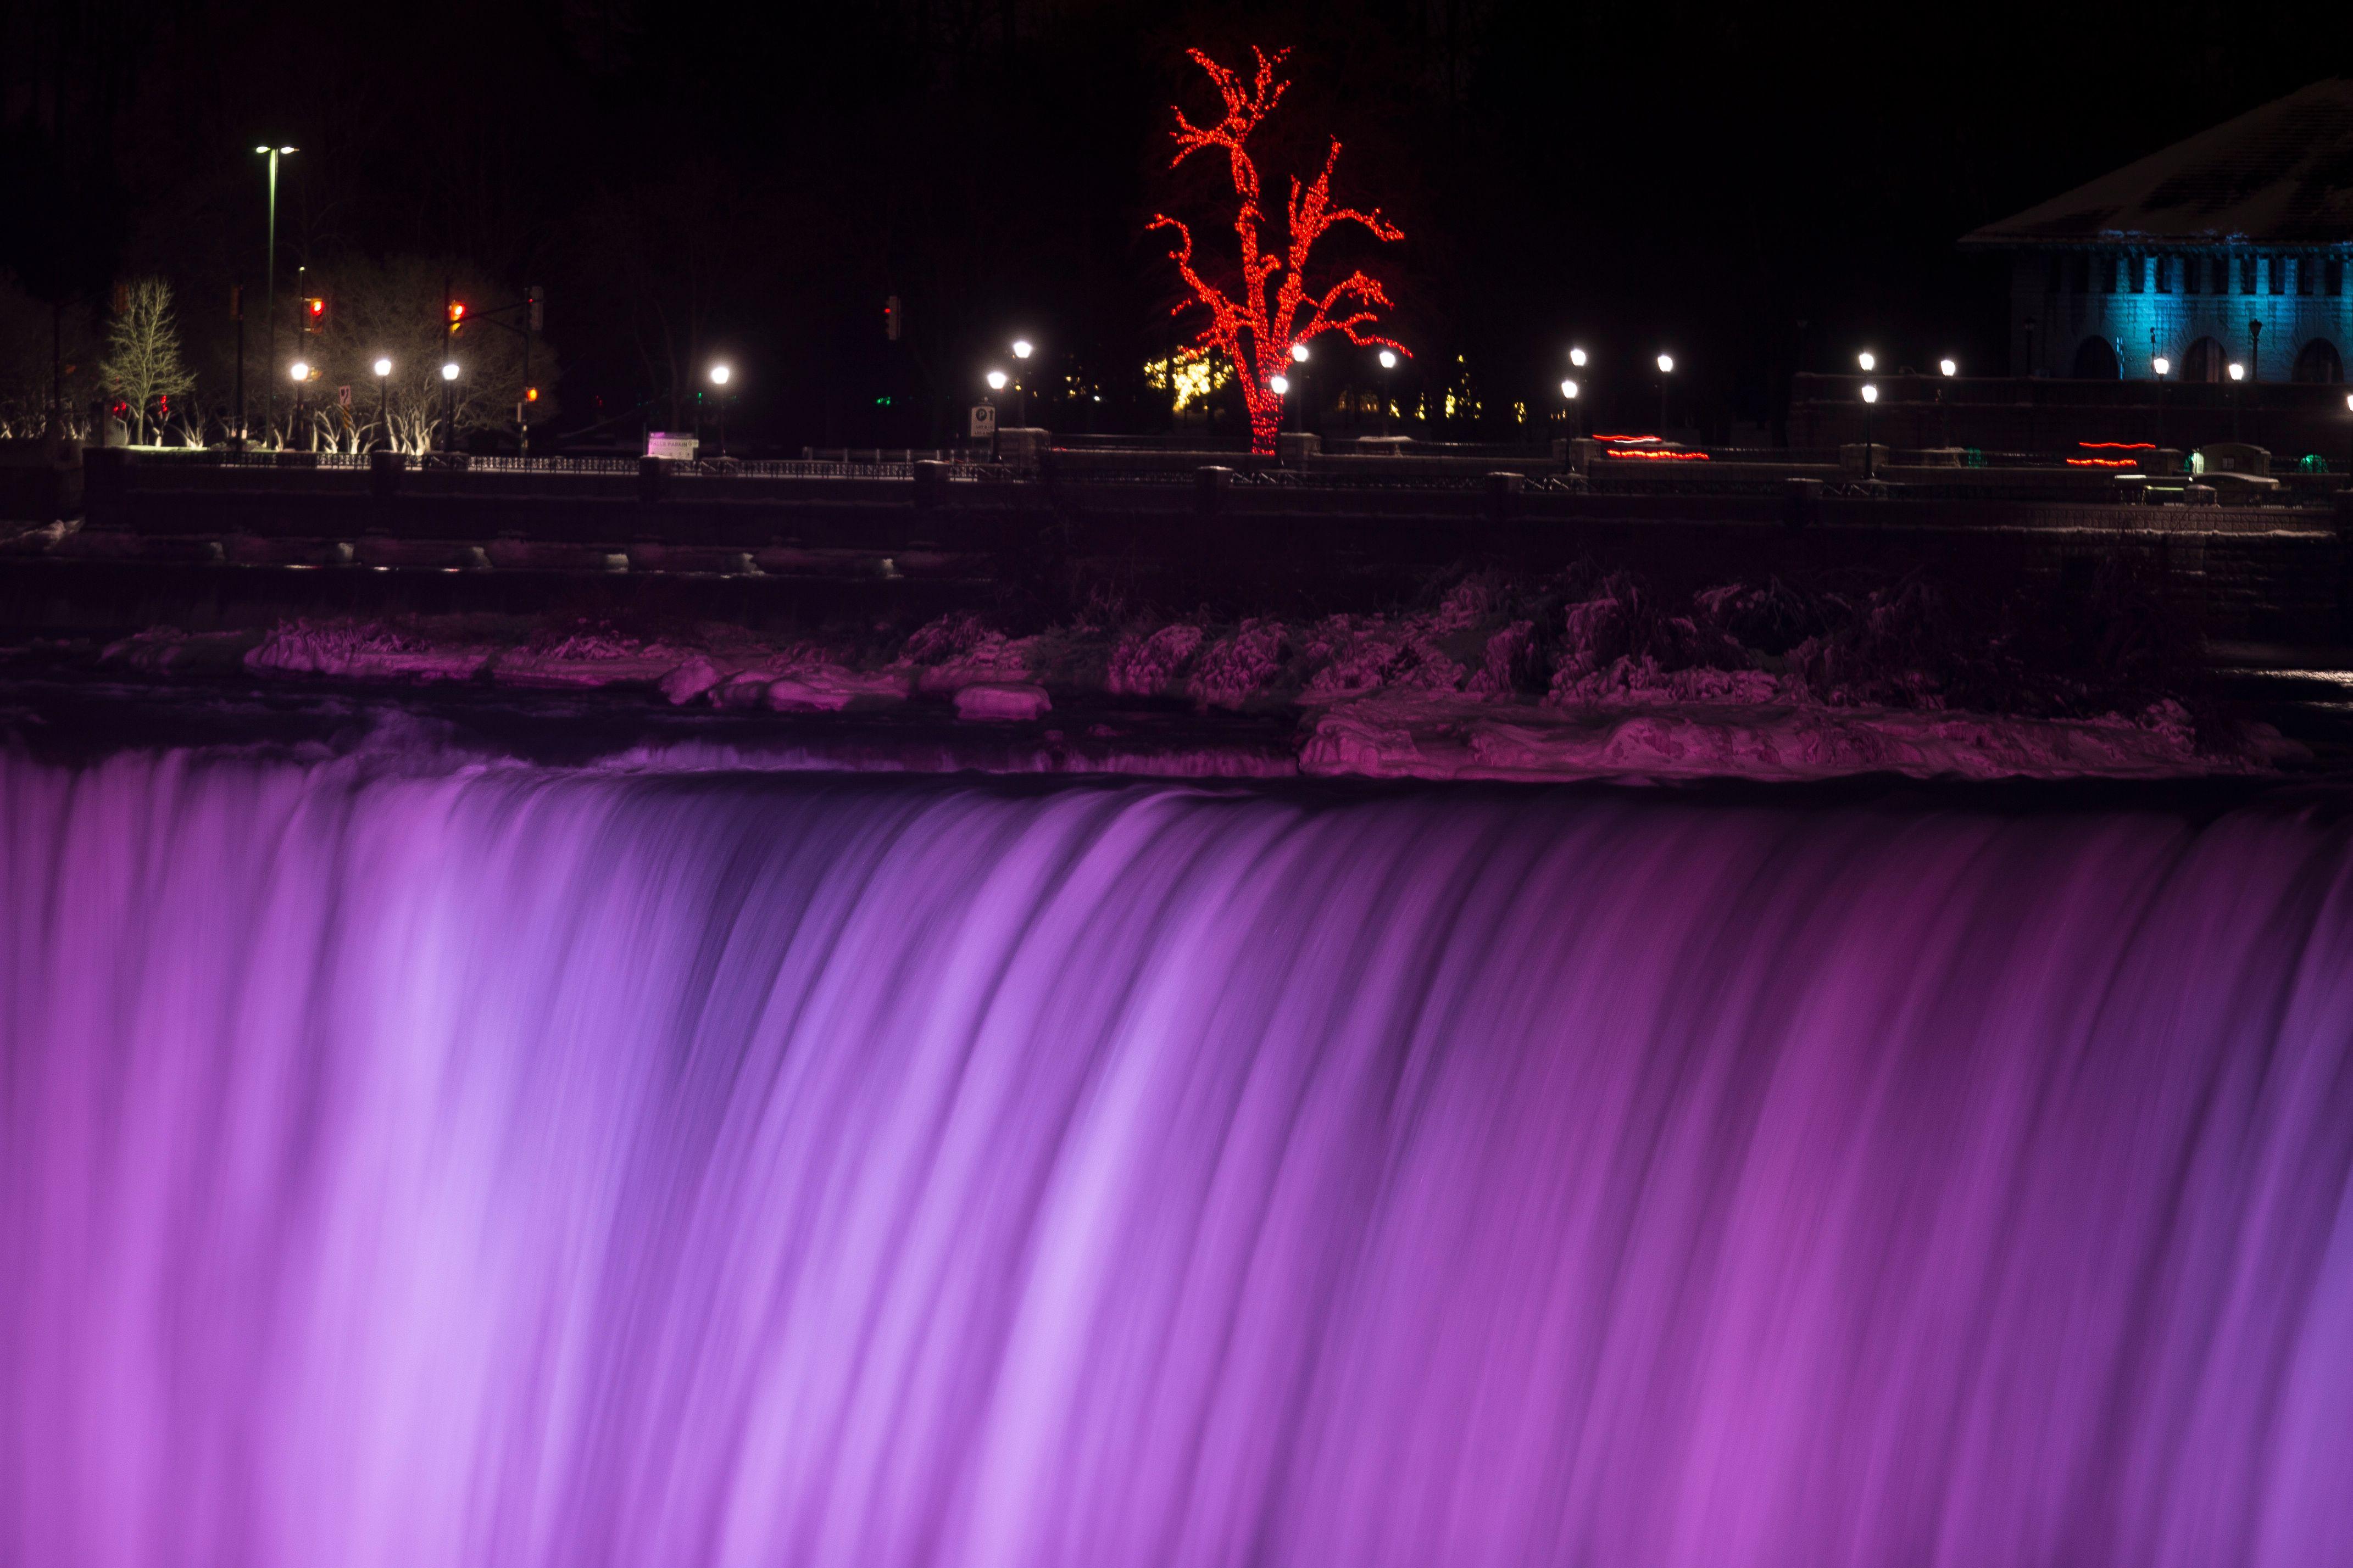 الأضواء تنير شلالات نياجرا بين الولايات المتحدة وكندا